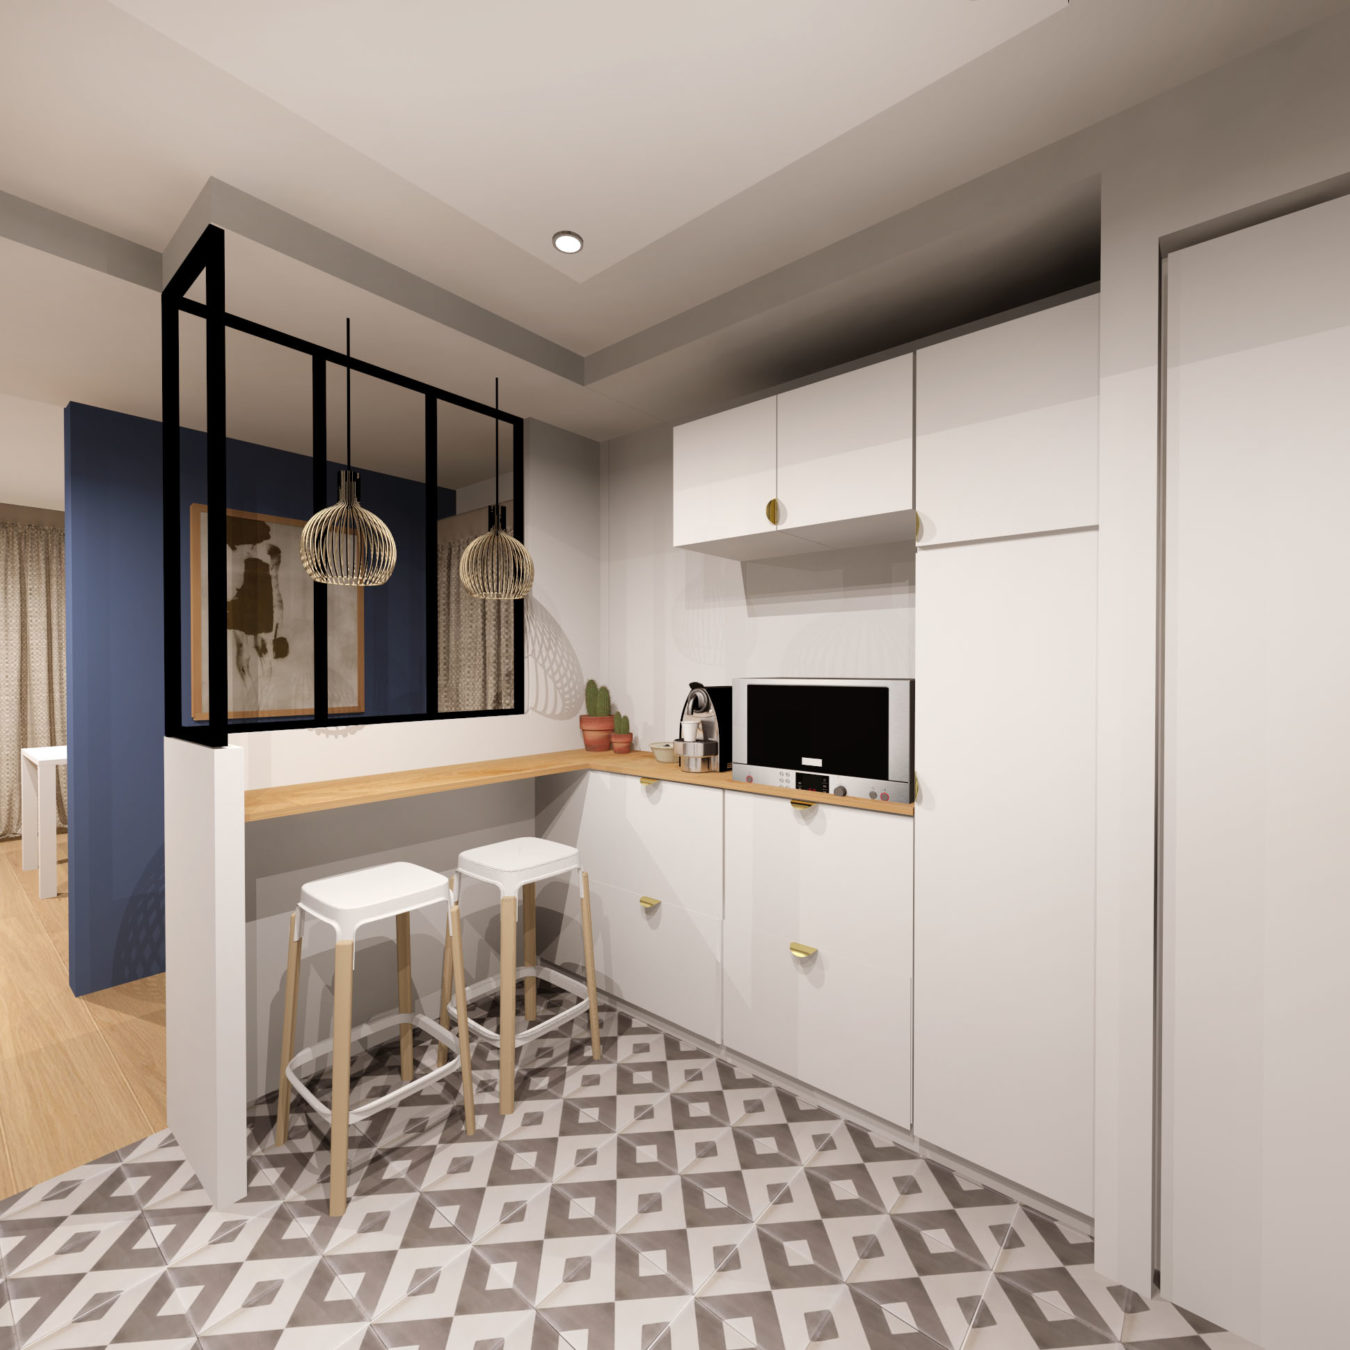 Anouck Charbonnier - Aménagement intérieur d'une cuisine pour le projet Henry Bordeaux à Annecy